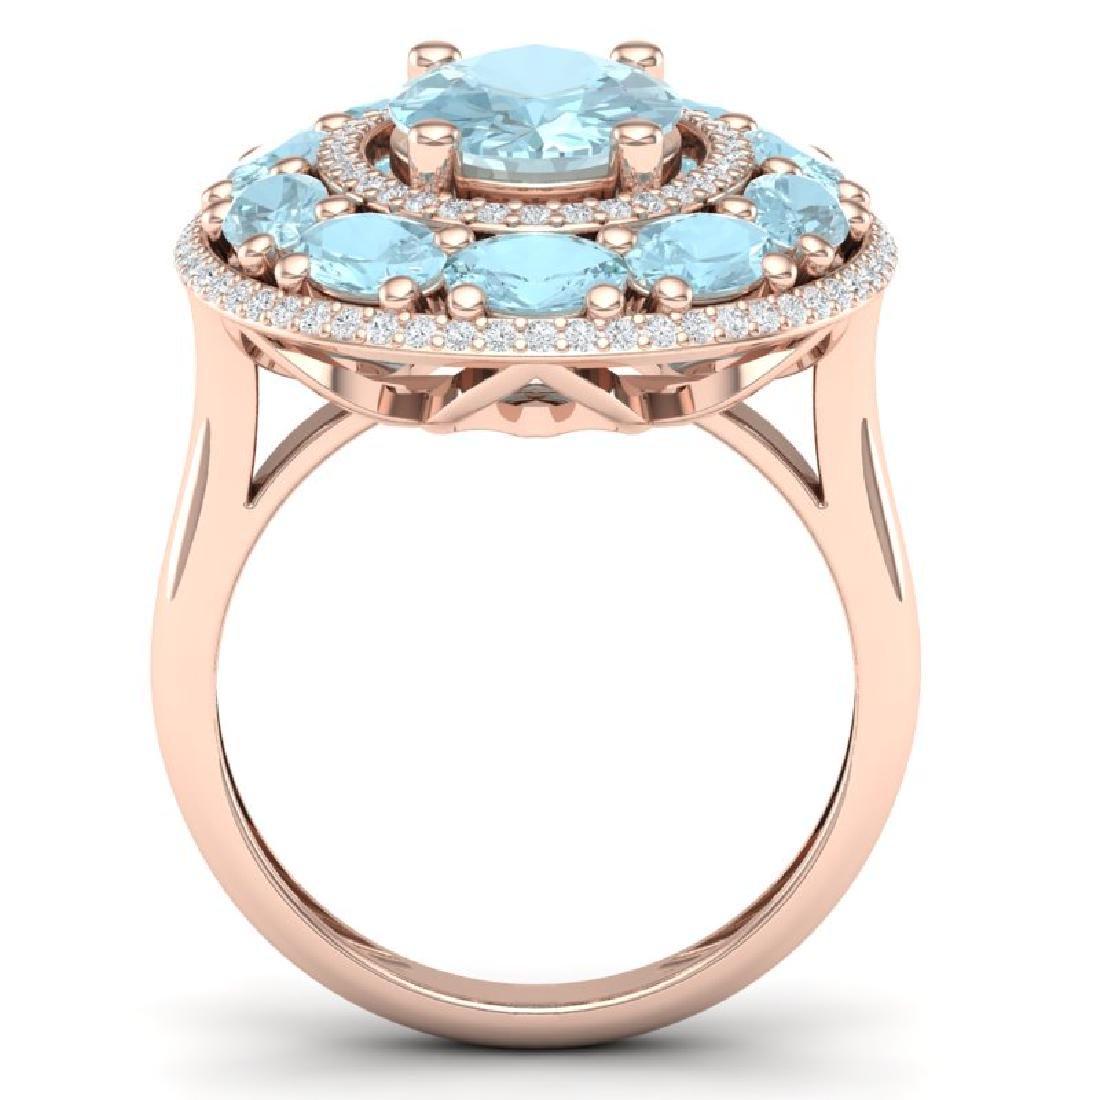 8.47 CTW Royalty Sky Topaz & VS Diamond Ring 18K Rose - 3